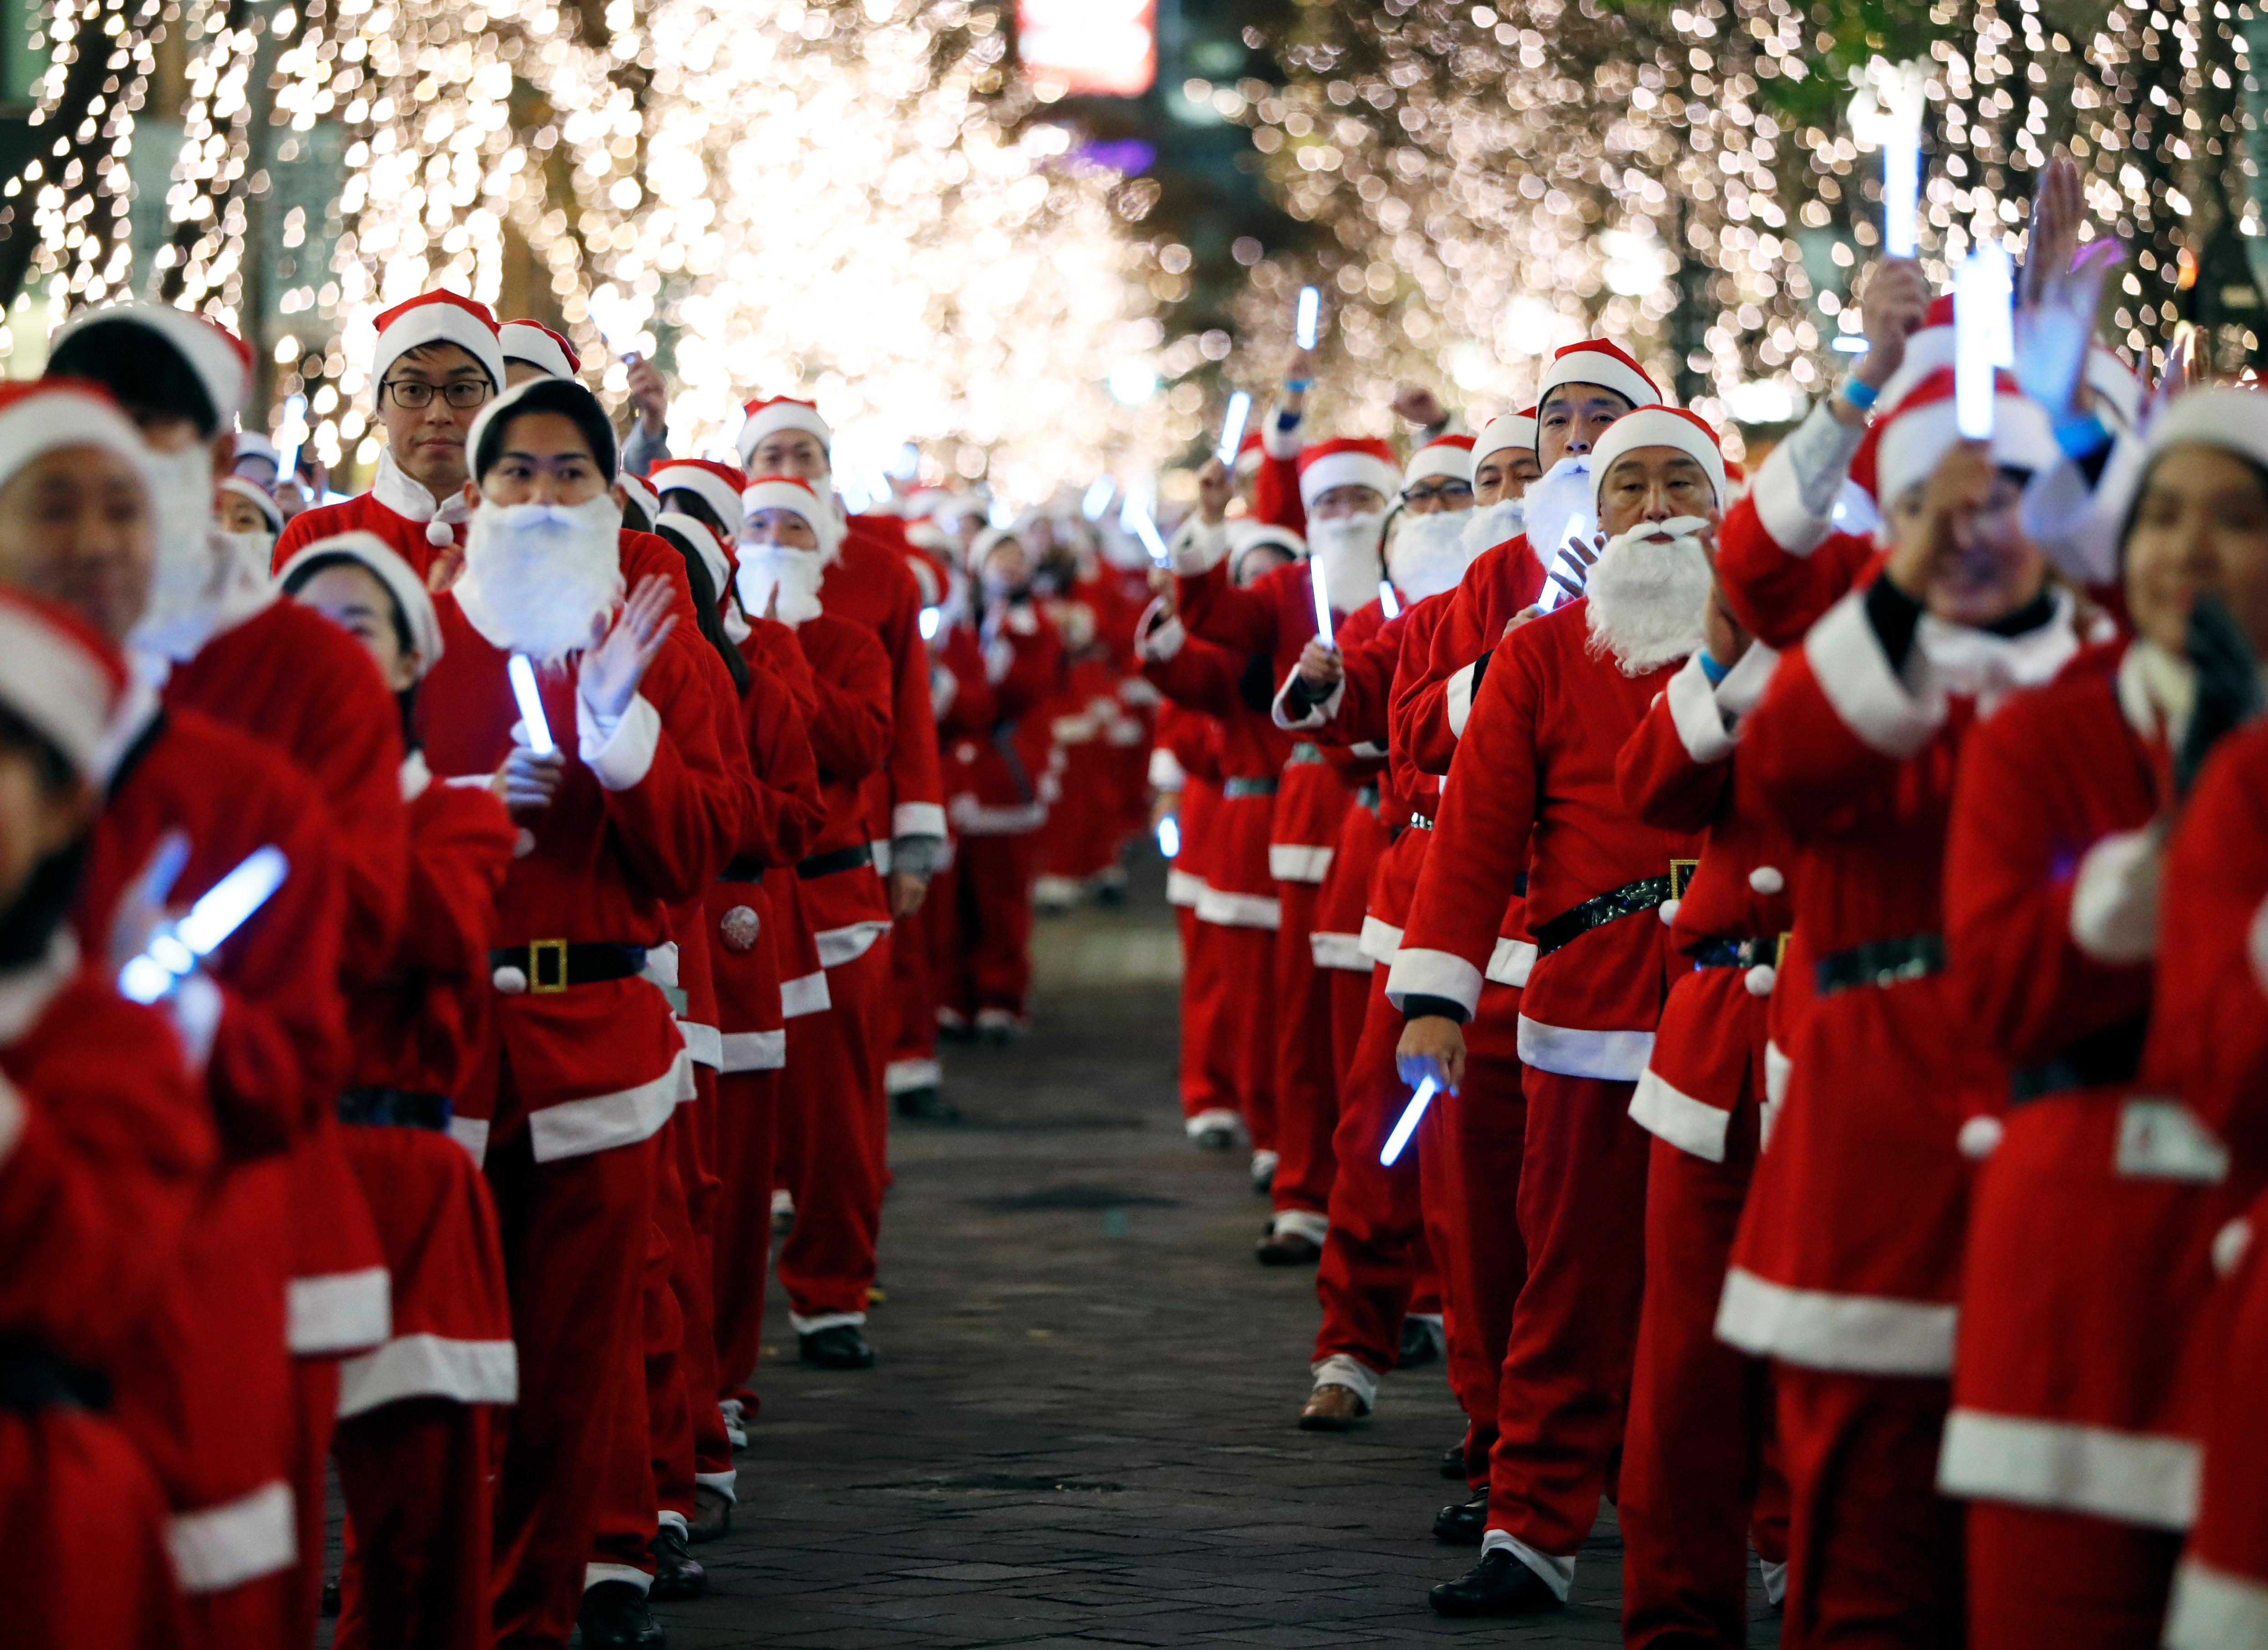 Trabajadores vestidos como Papá Noel desfilan por el distrito de negocios de Marunouchi para alentar la promoción del área, en Tokio, Japón, el 23 de diciembre de 2019 (Reuters/ Issei Kato)